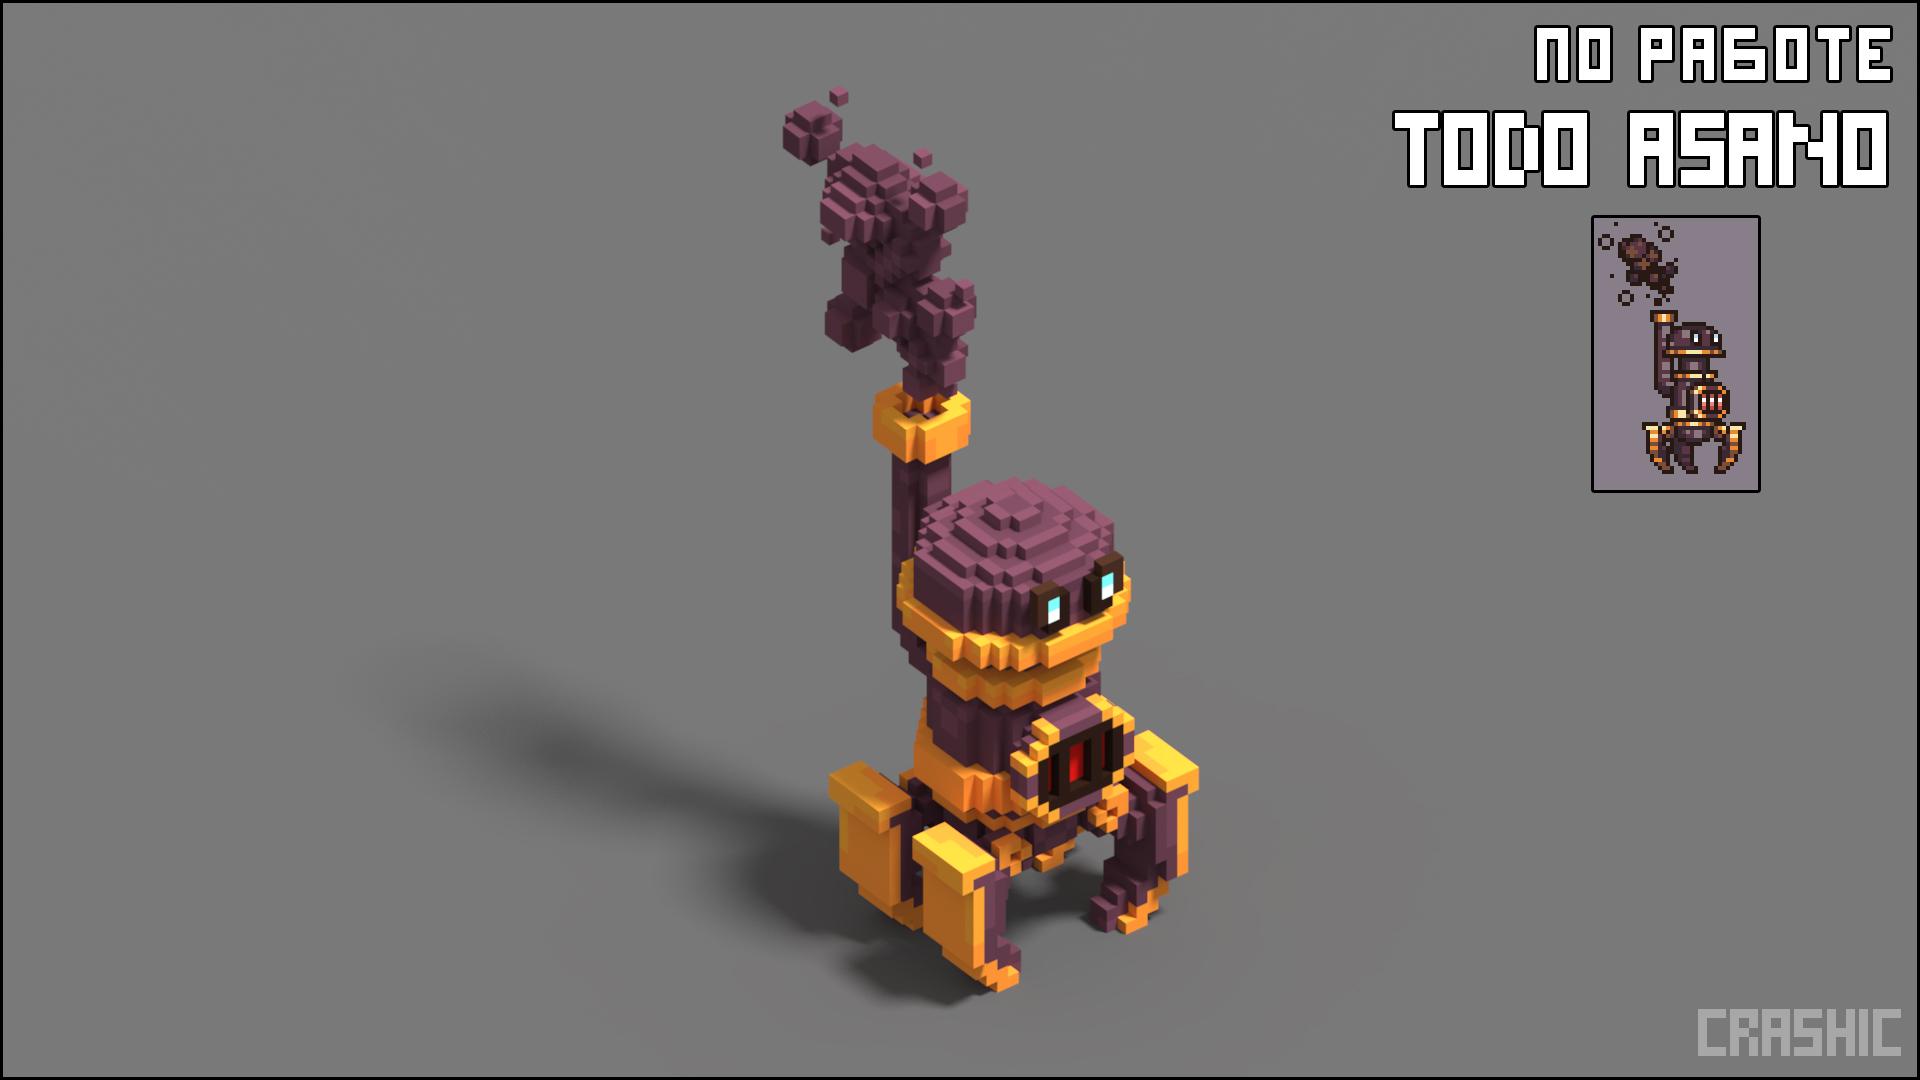 Voxel for TodoAsano